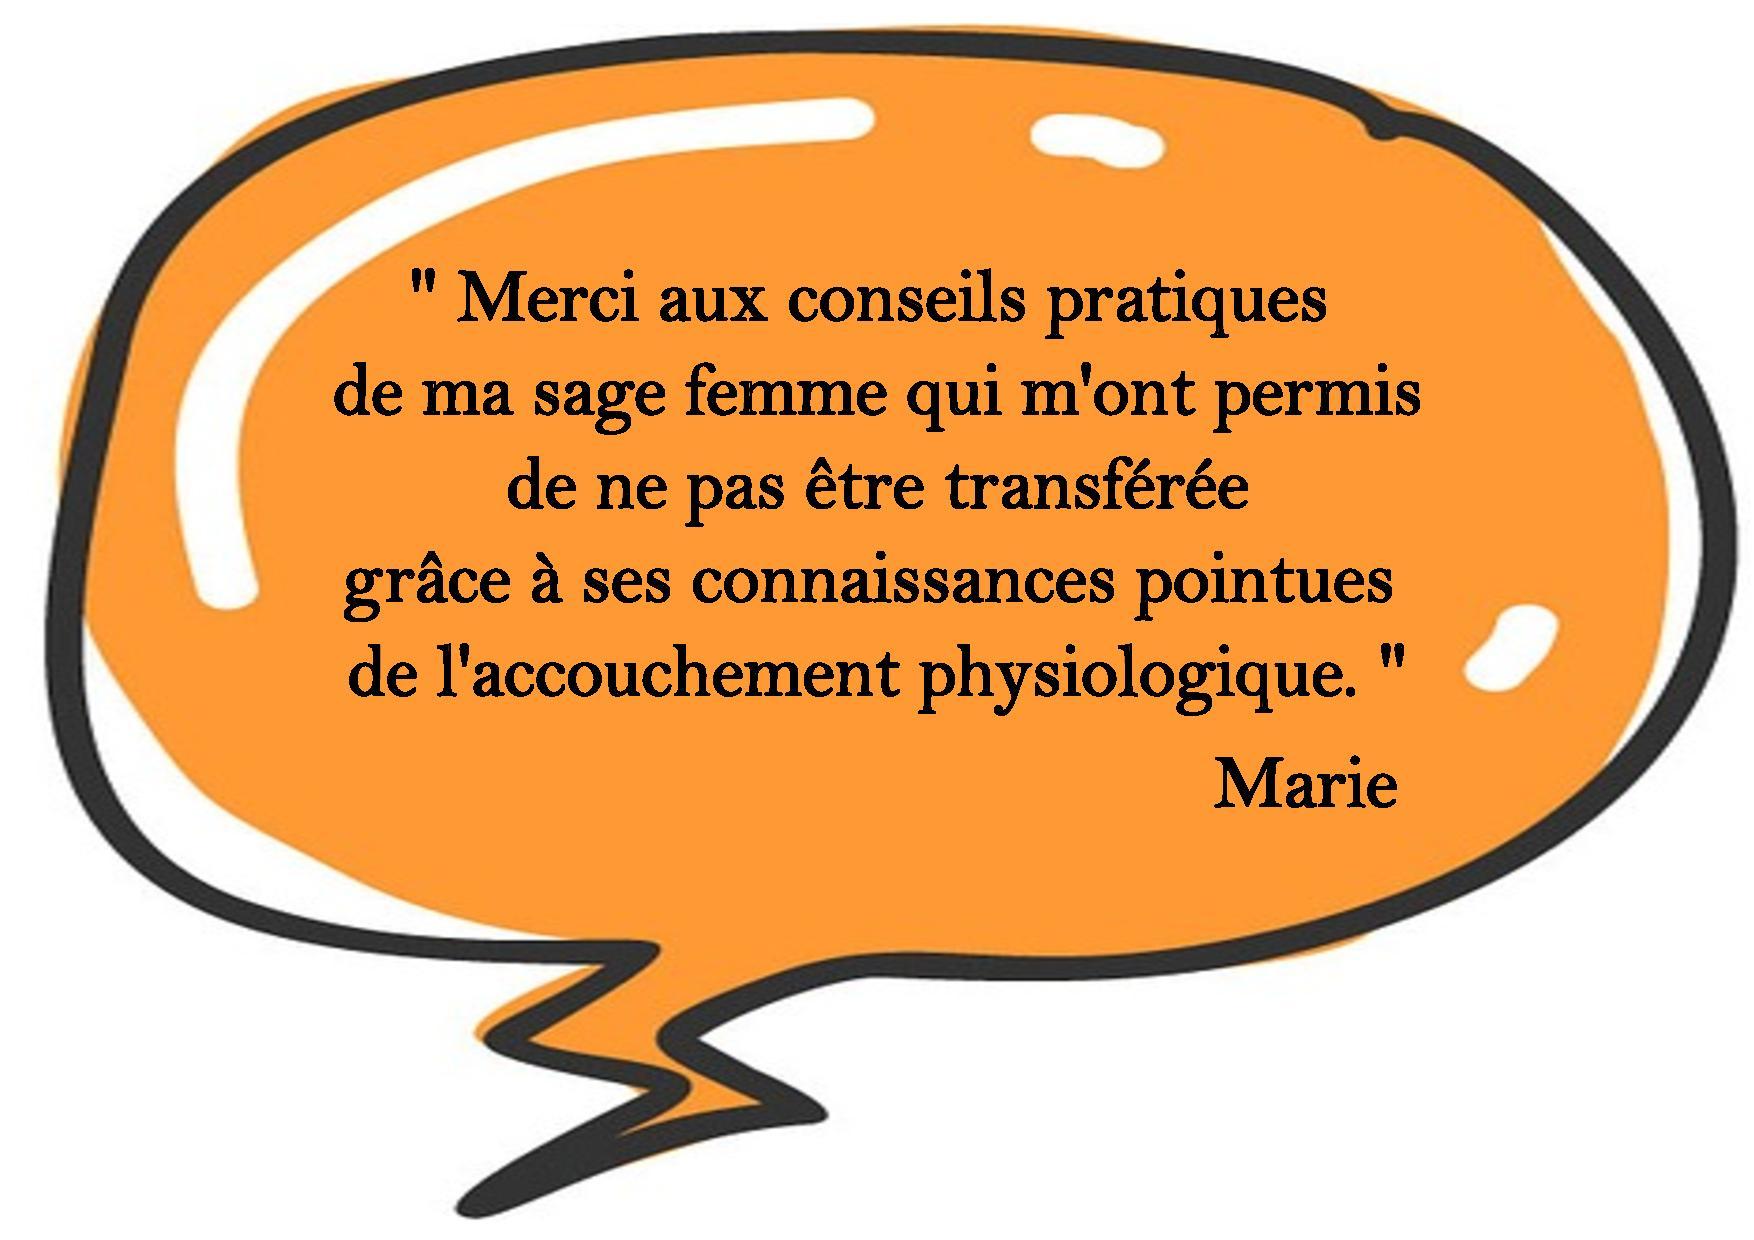 image Marie3.jpg (0.2MB)